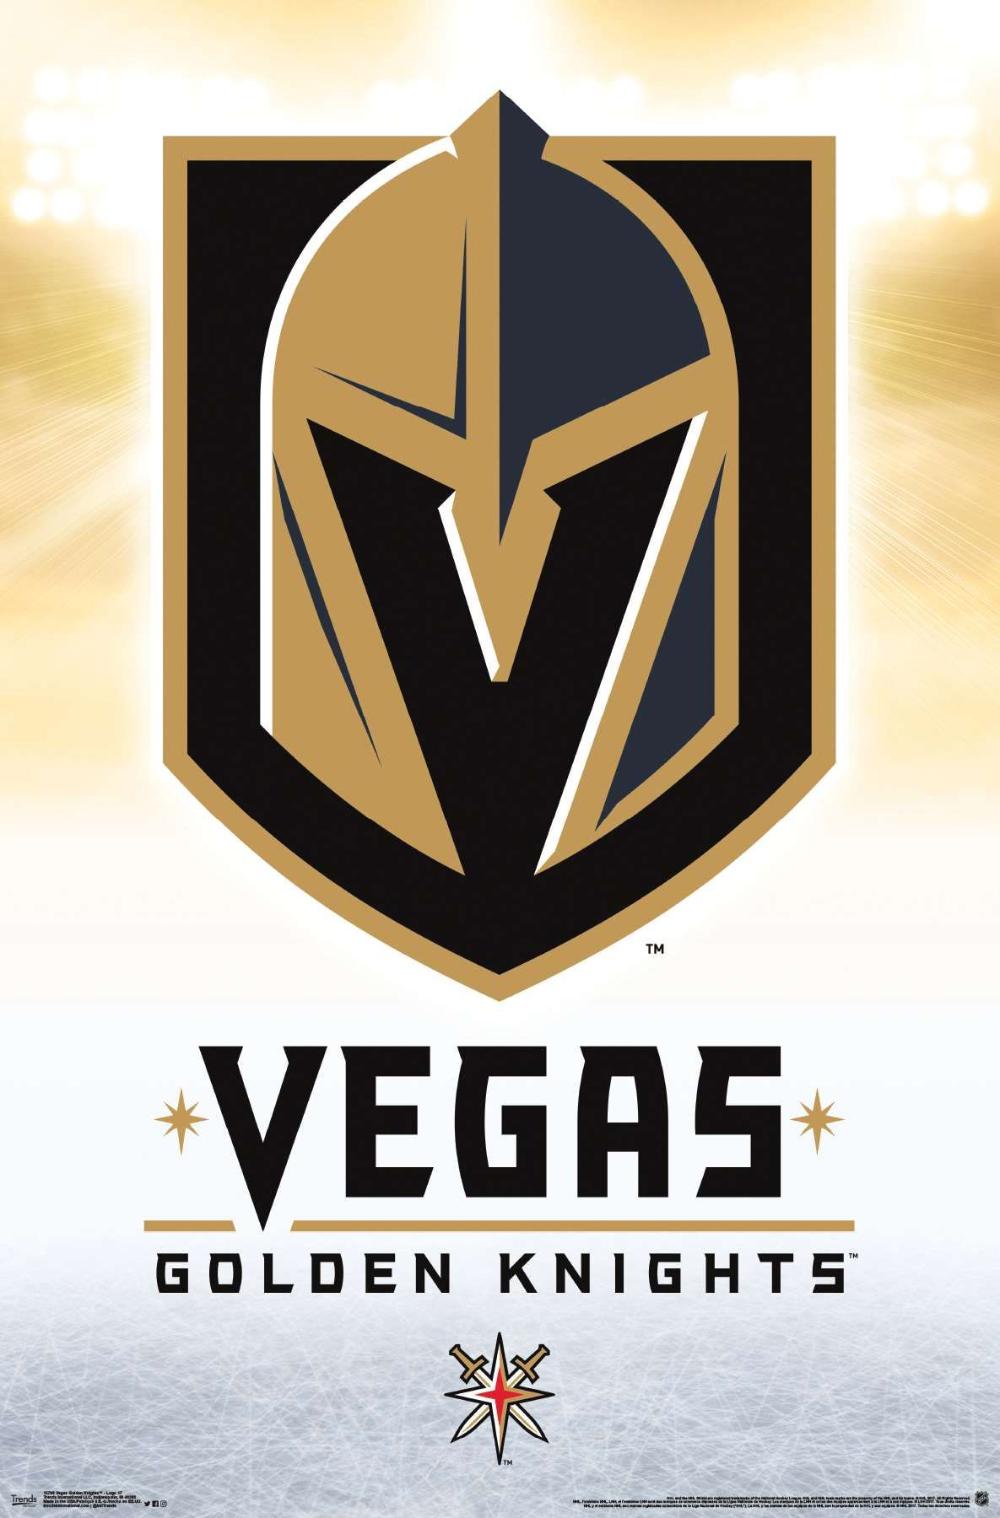 Nhl Vegas Golden Knights Logo Golden Knights Logo Vegas Golden Knights Logo Vegas Golden Knights